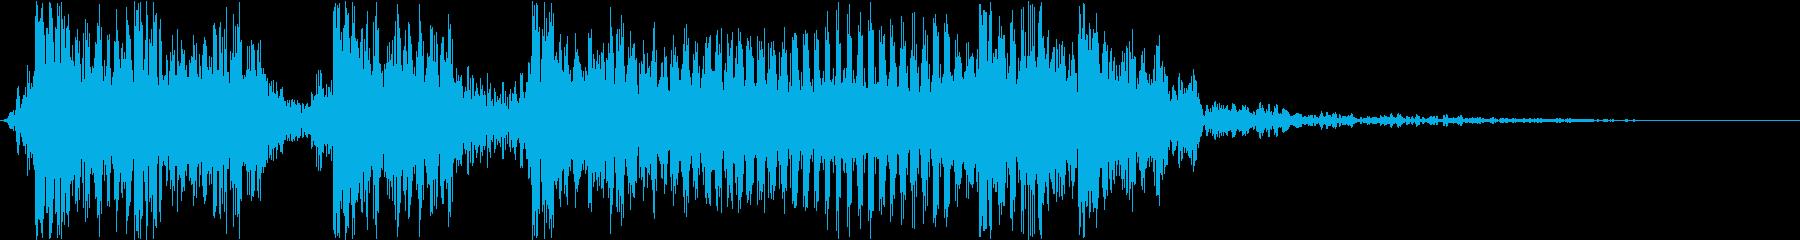 生演奏メタルギター衝撃走るジングルバトルの再生済みの波形